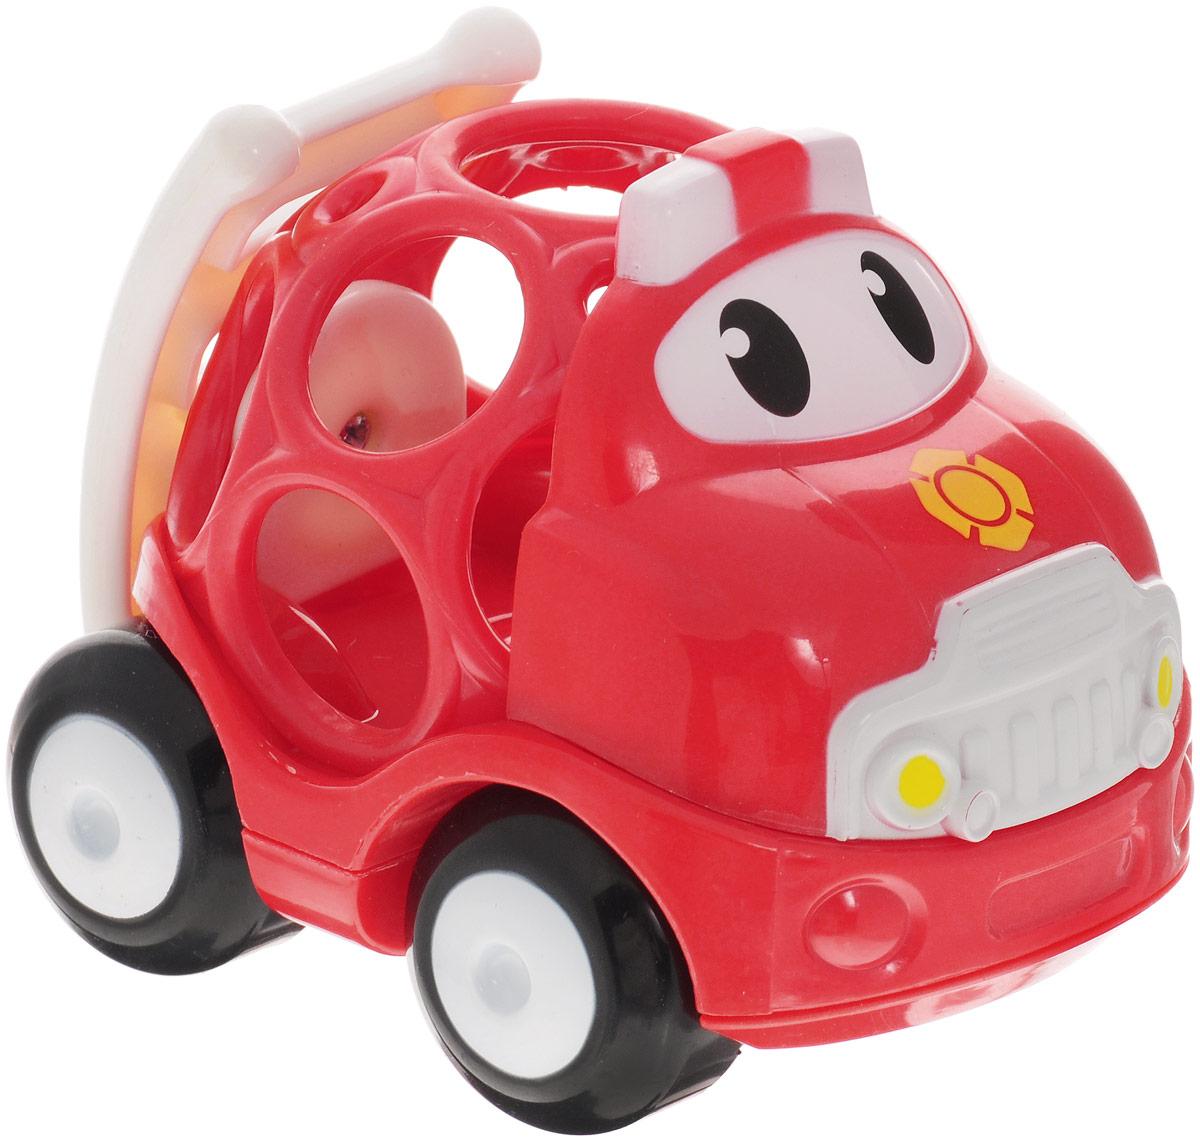 Oball Машинка Пожарная служба10311-3Машинка Oball Пожарная служба из серии Только вперед! представлена в виде развивающей игрушки для малышей. Кузов машинки выполнен в форме шара с большими отверстиями, которые ребенку будет интересно исследовать любопытными пальчиками. У машинки с забавными глазками подвижные большие колеса, поэтому малыш с легкостью будет катать игрушку по любым гладким поверхностям. Пожарная машина изготовлена из прочного пластика ярких расцветок и совместима с другими игрушками серии Только вперед!, которые приобретаются отдельно.